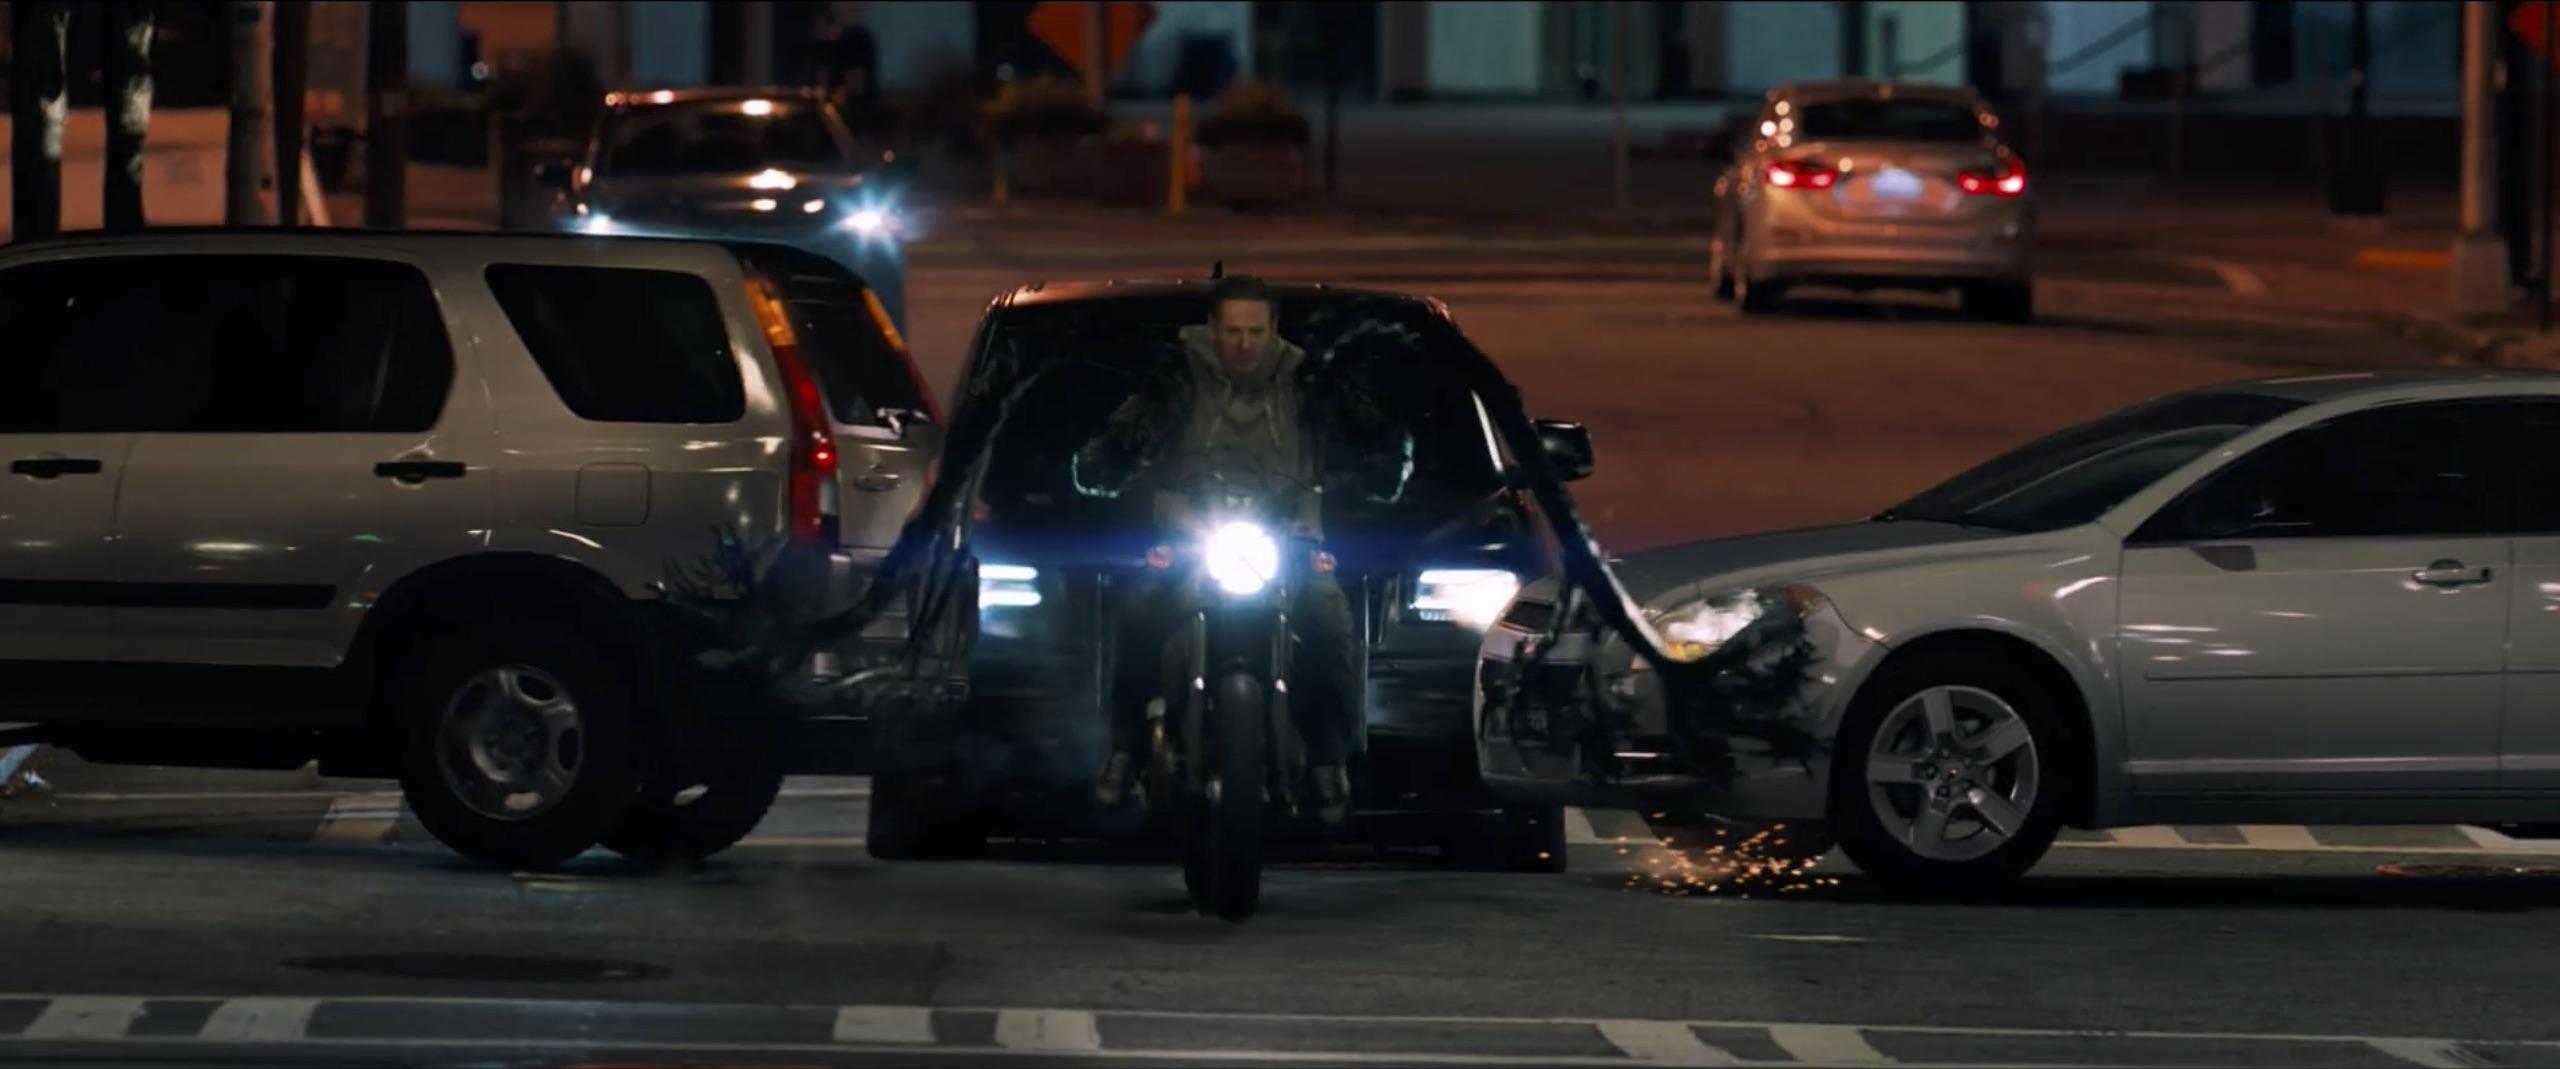 venom bike chase push cars